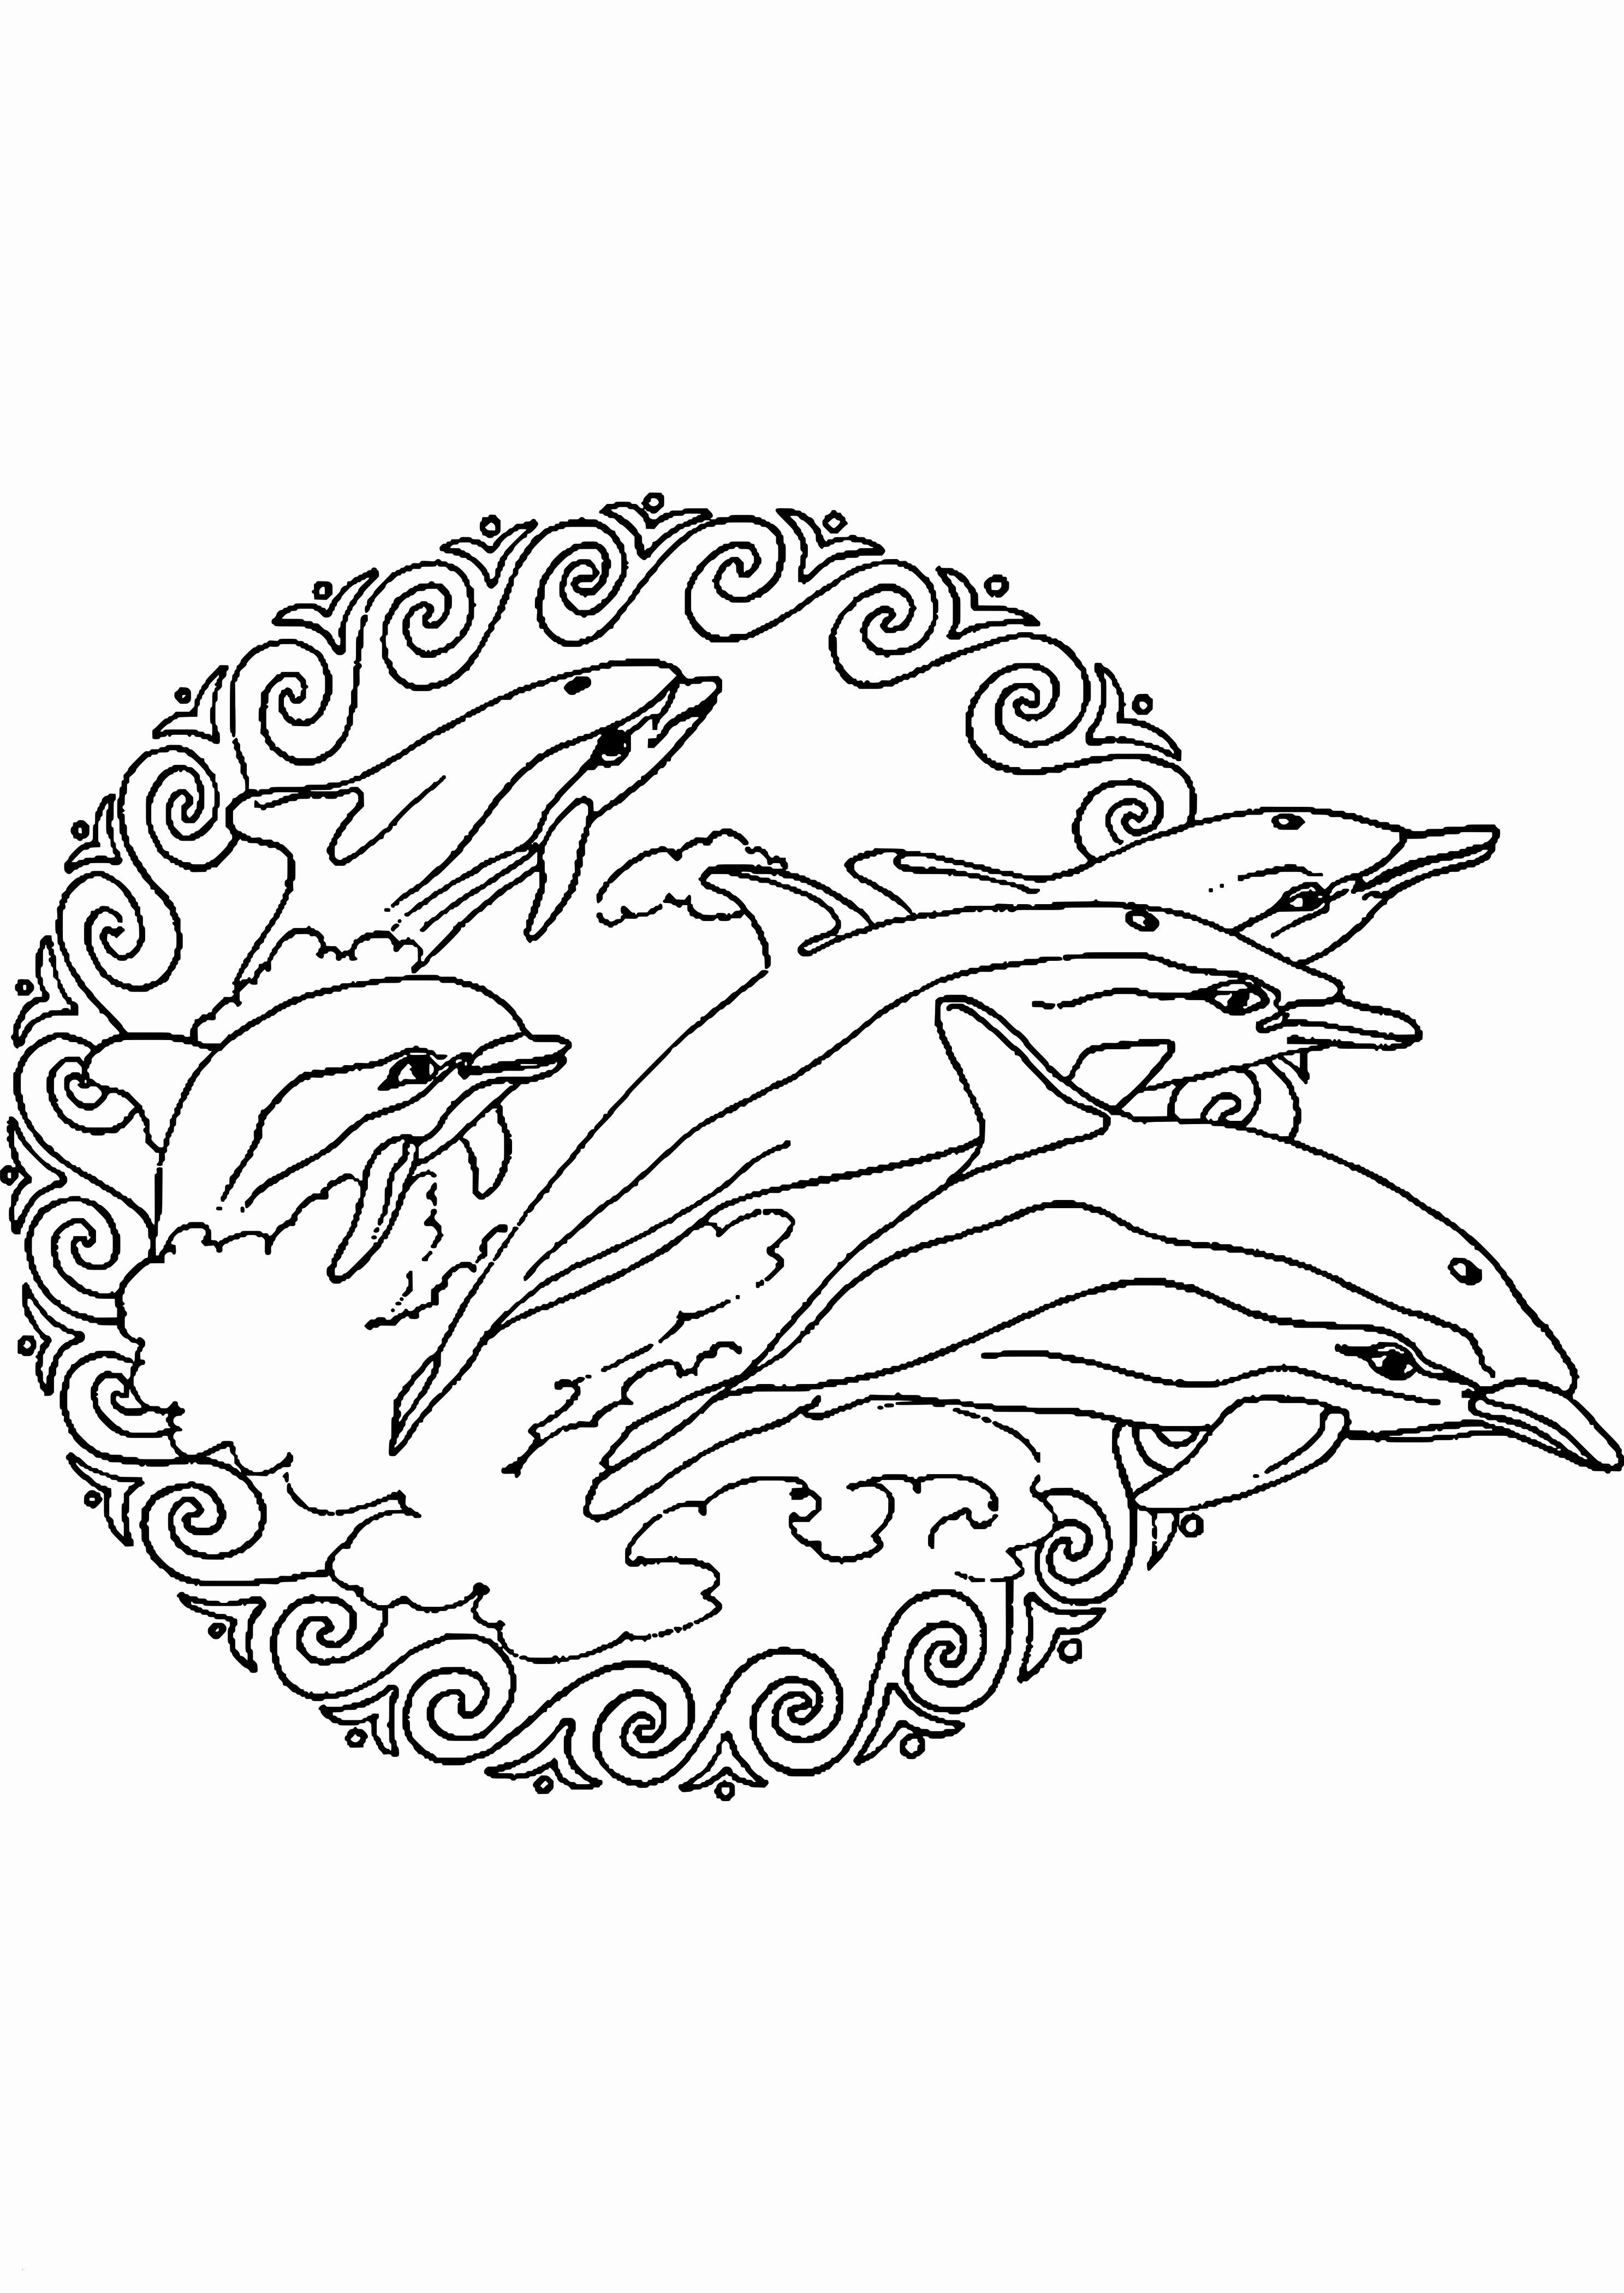 Delphin Zum Ausmalen Neu Ausmalbilder Delfine Zum Ausdrucken Sammlungen Malvorlagen Delphin Sammlung